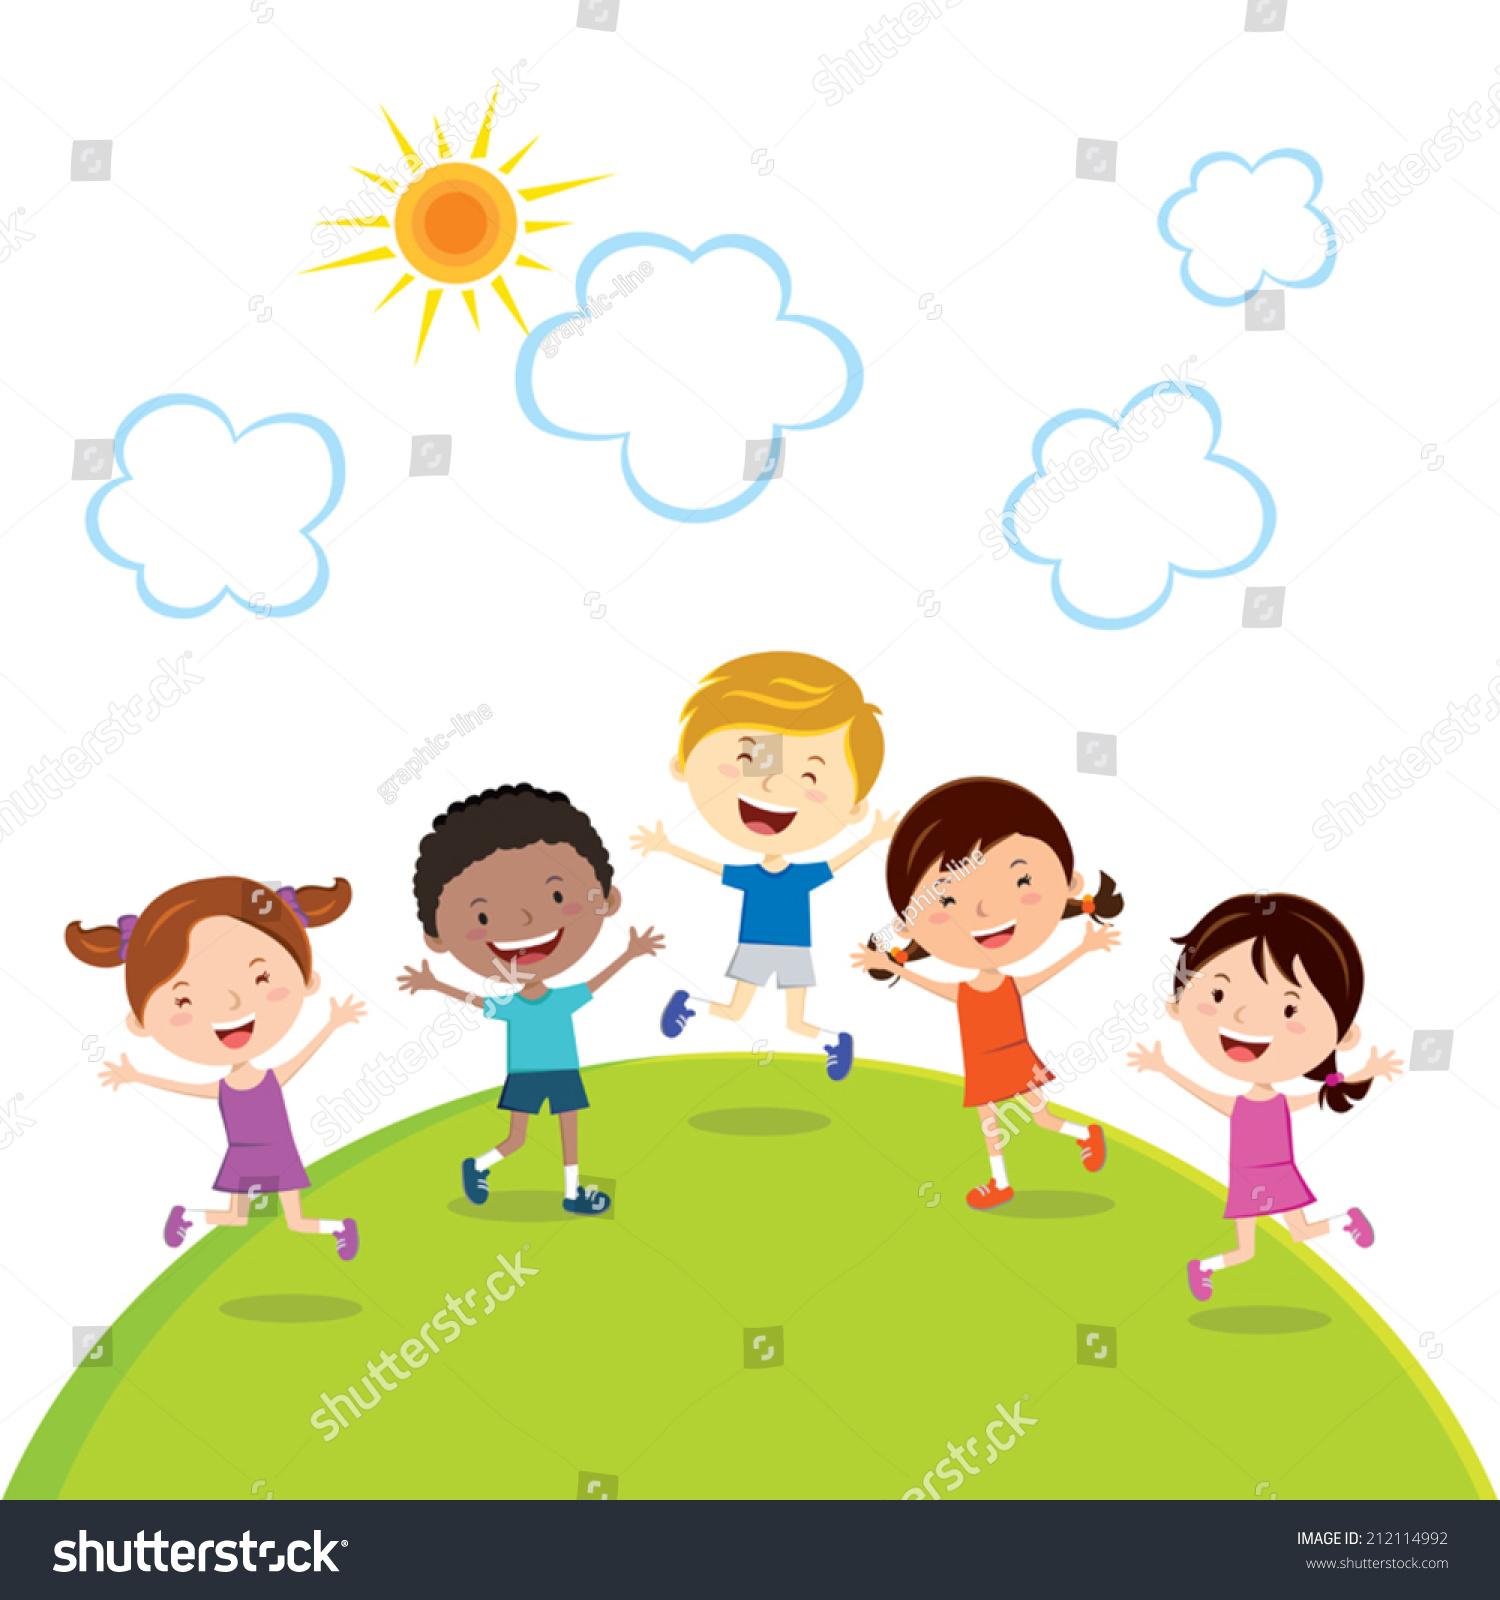 jumping kids friends children fun sun のベクター画像素材